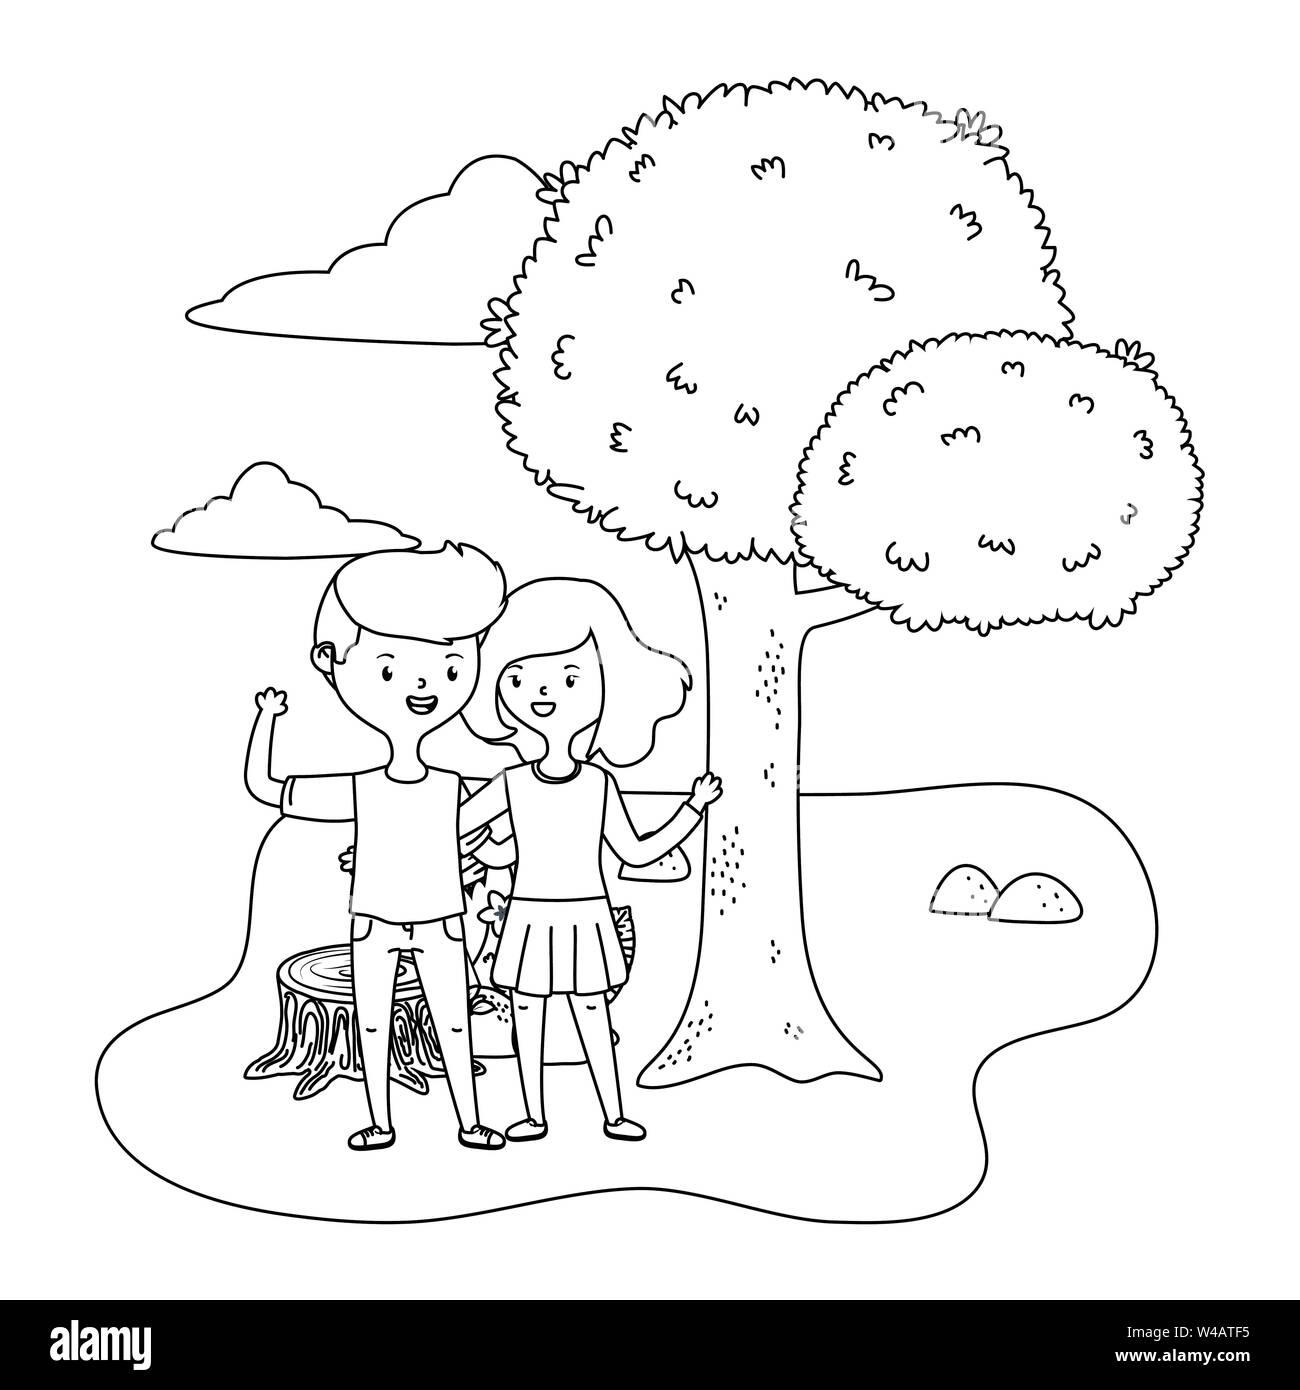 Adolescente ragazzo e ragazza design, persona ritratto della gioventù giovani studenti e teen tema illustrazione vettoriale Immagini Stock